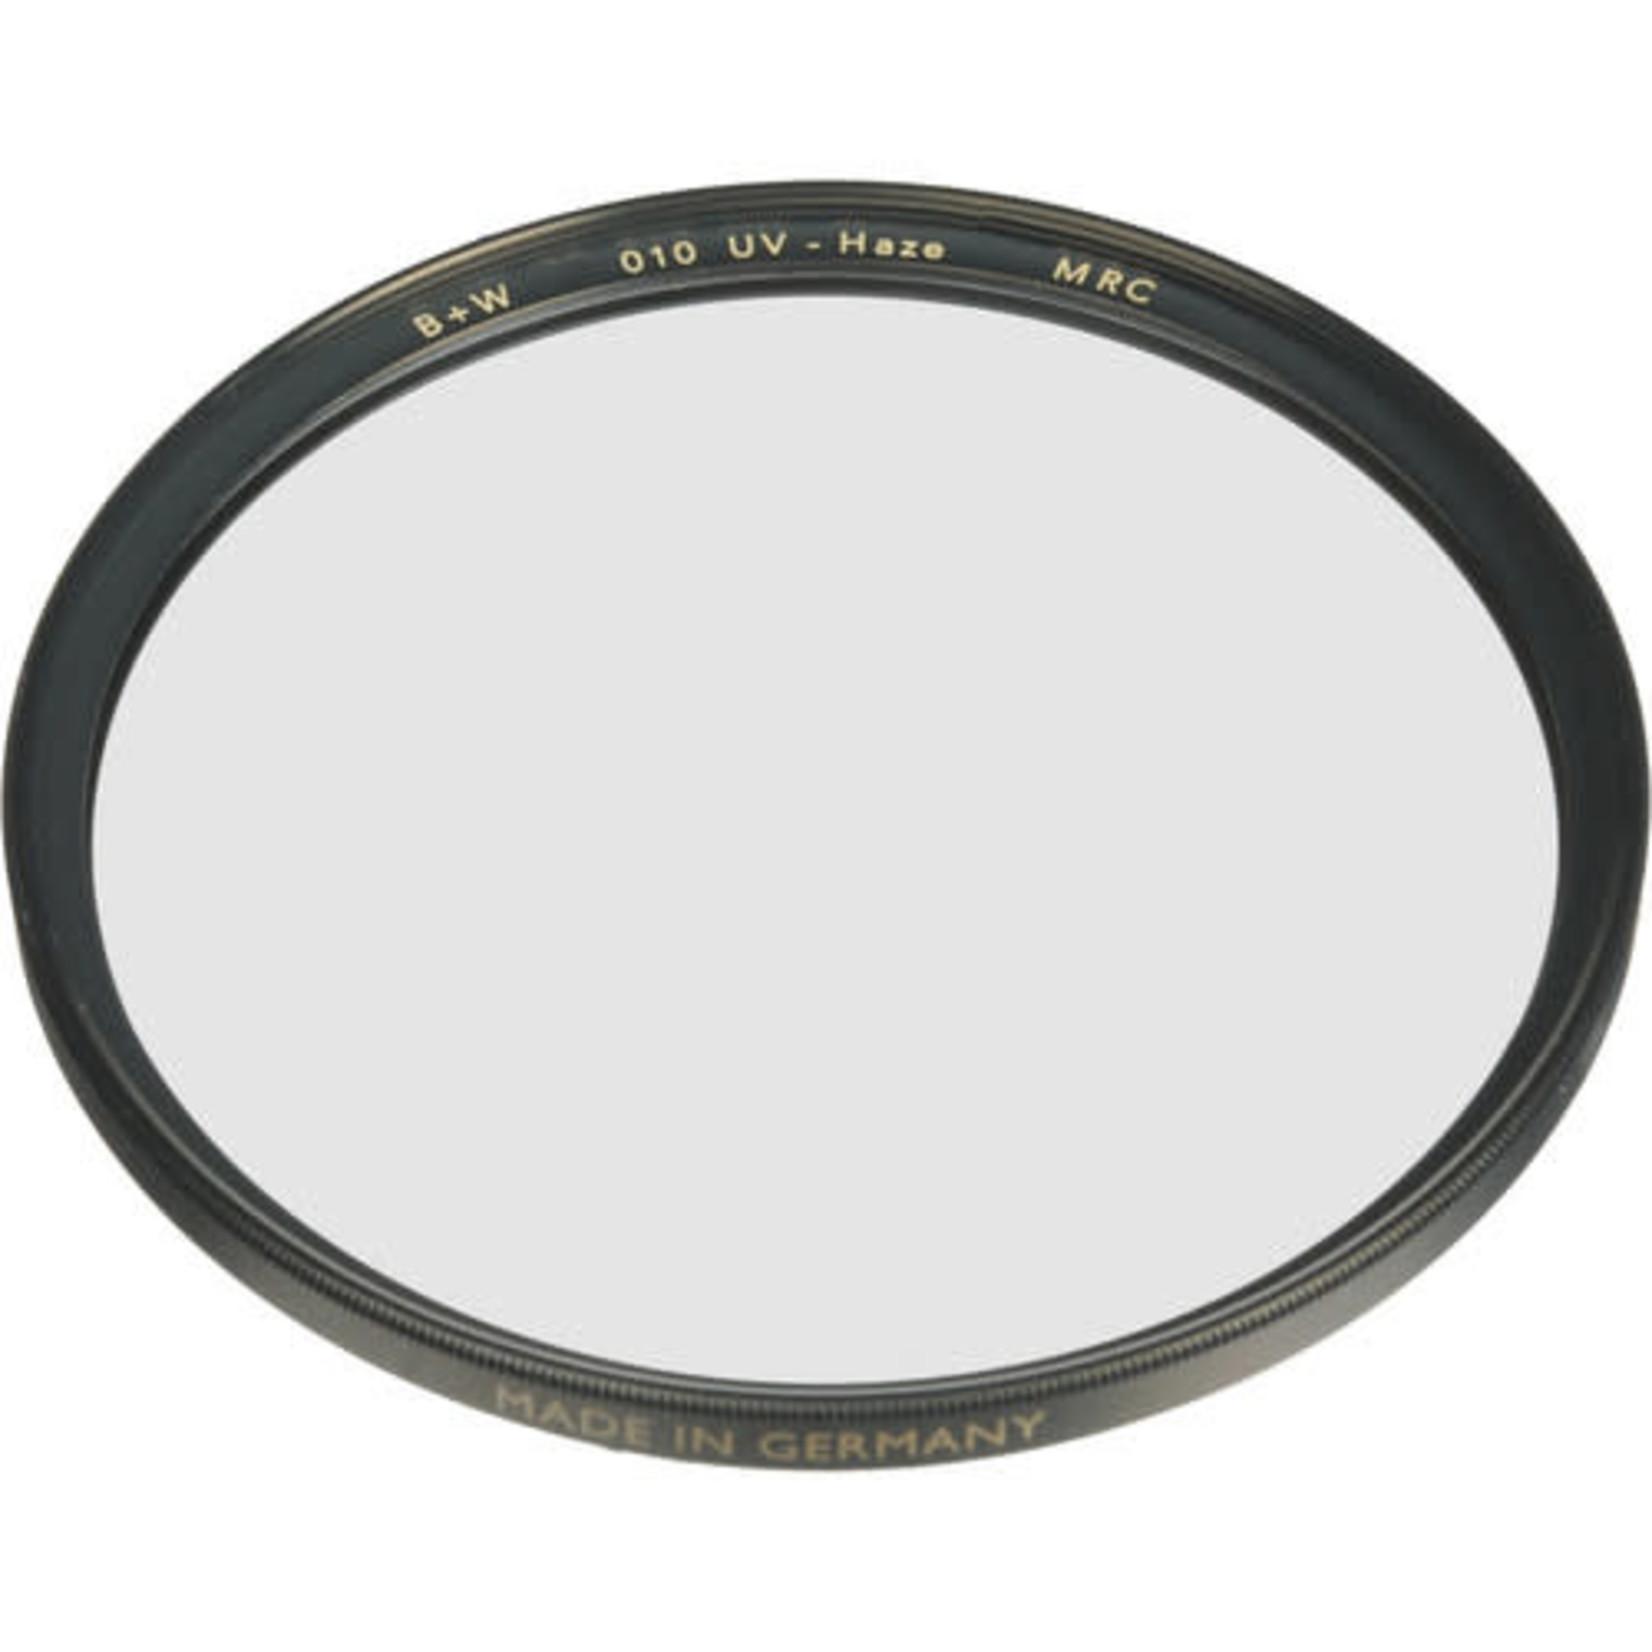 B+W B+W 58mm UV Haze MRC 010M Filter